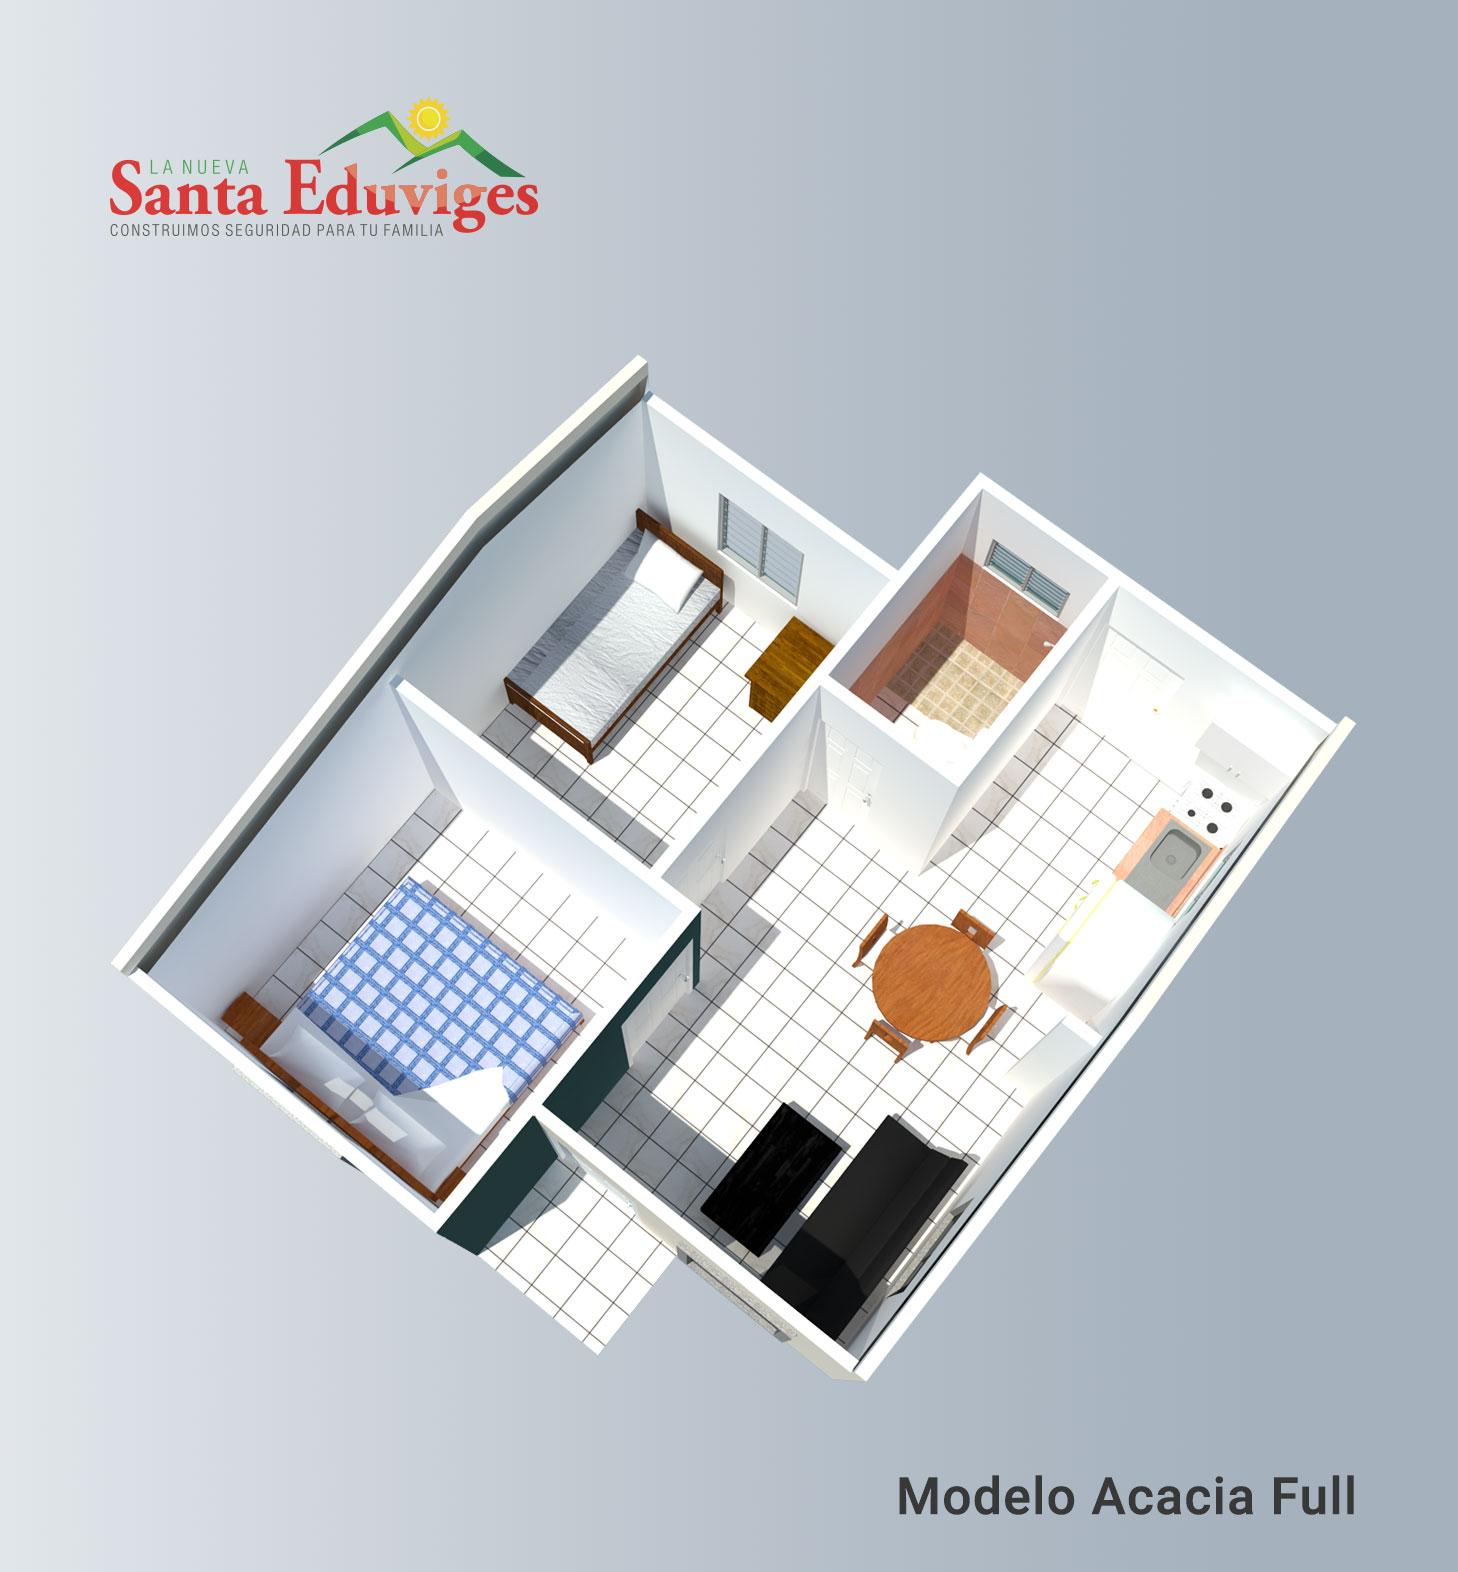 Modelo Acacia Full Planta